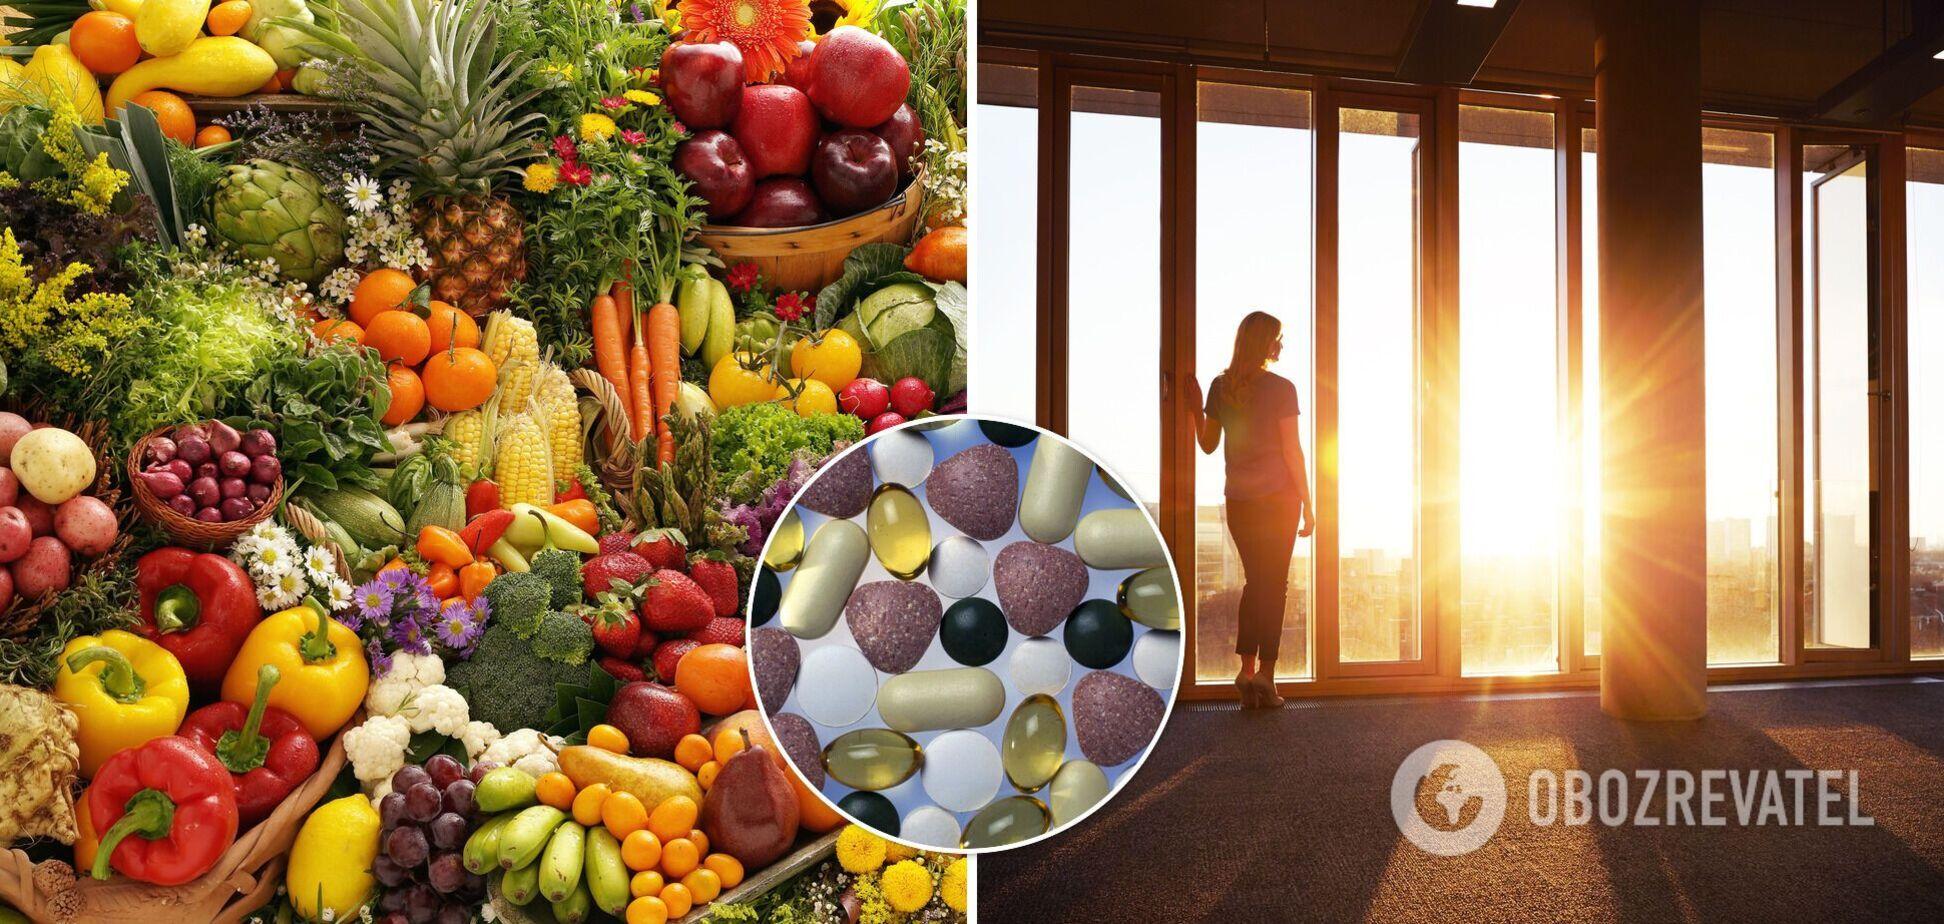 Організм людини потребує вітамінів навіть влітку